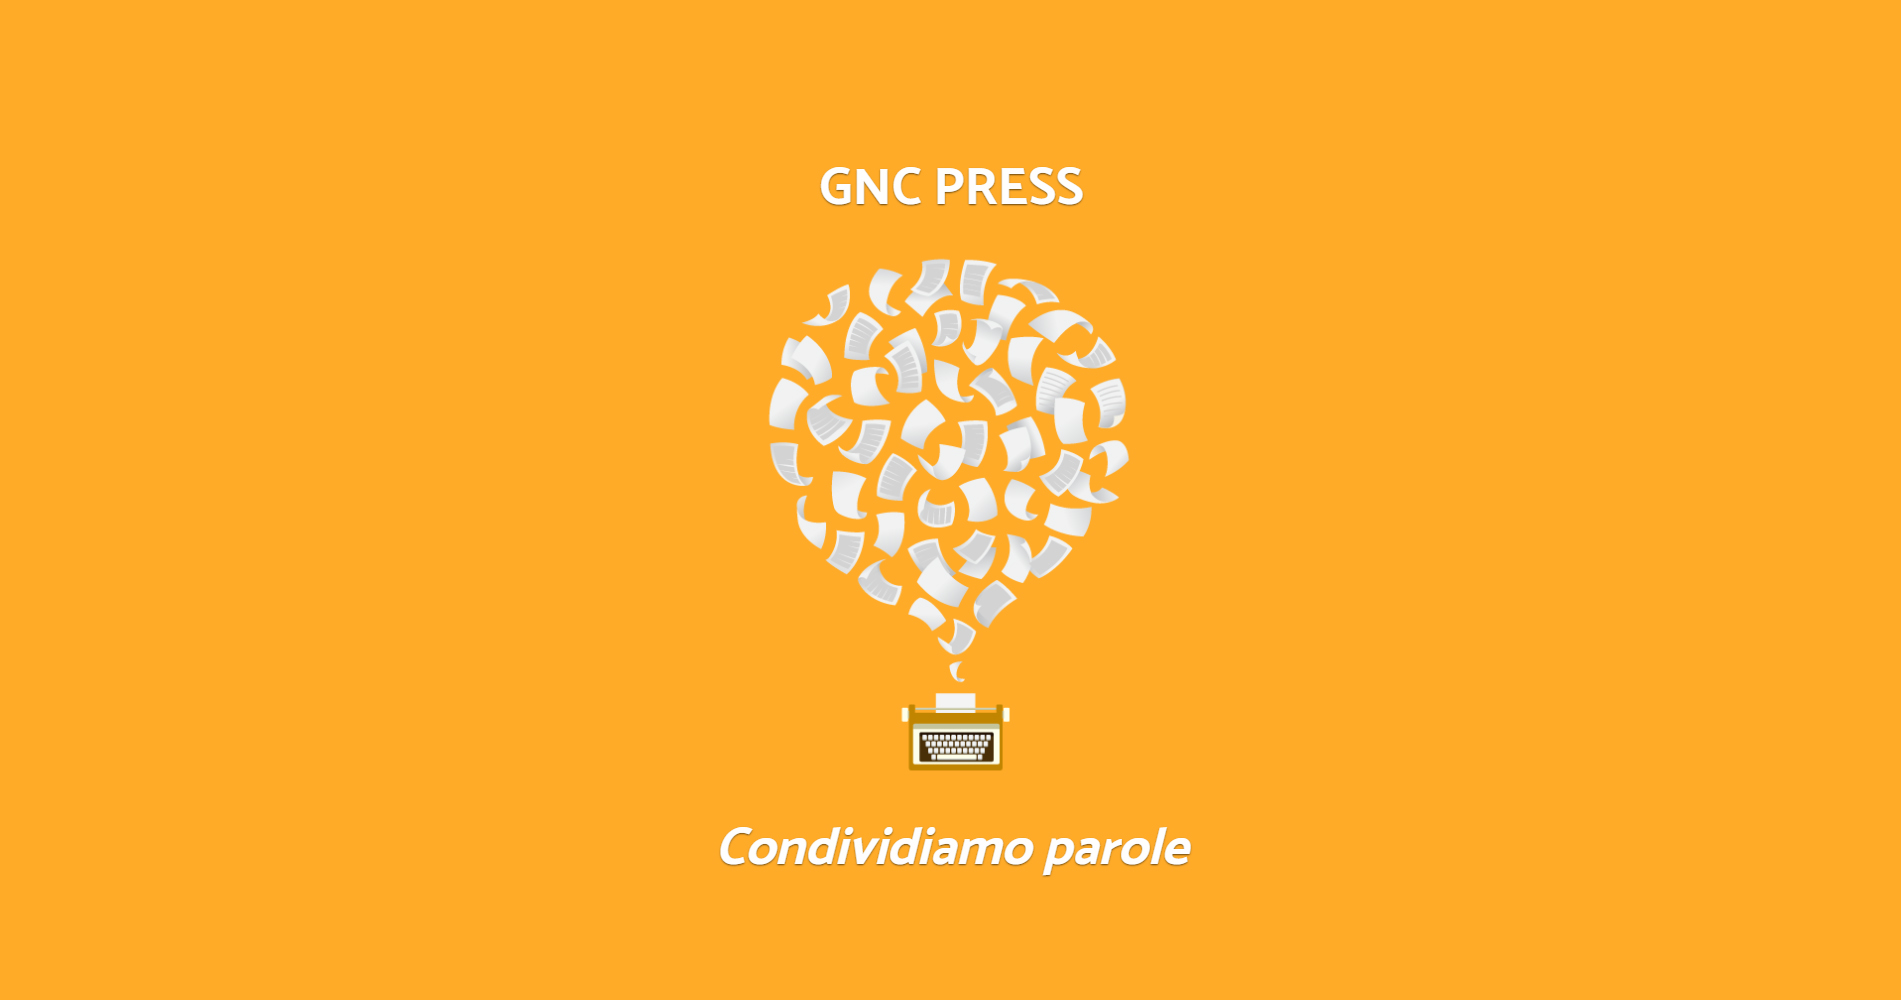 GNC press